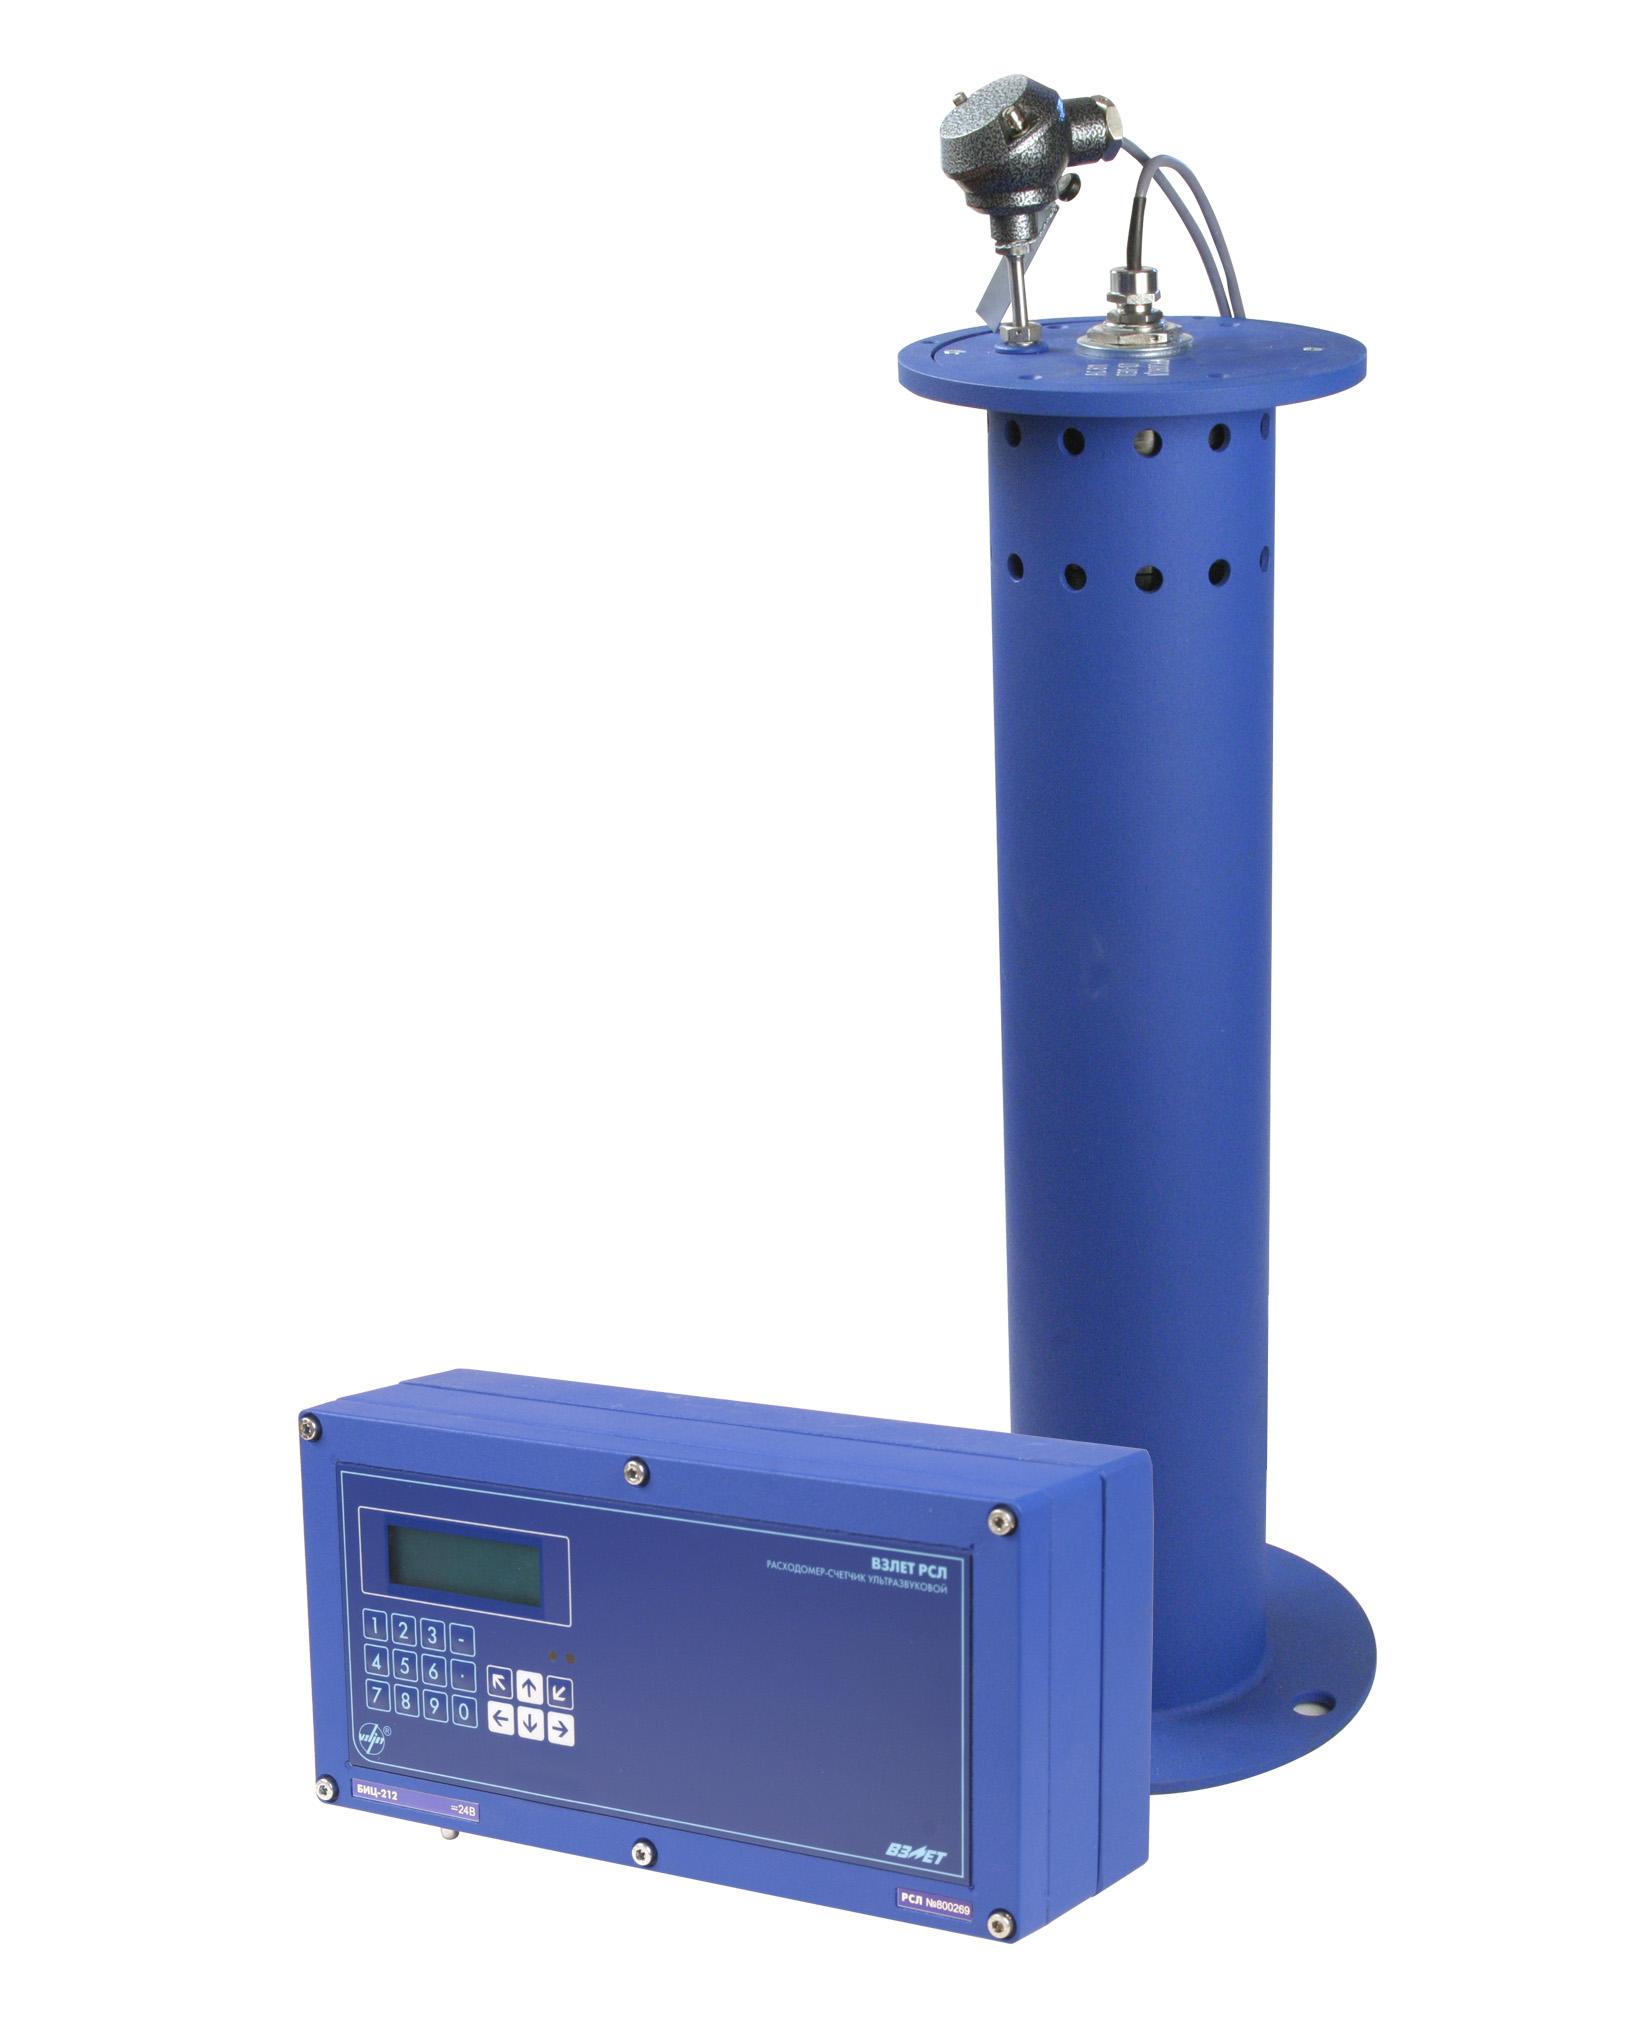 Взлет РСЛ - РСЛ -212 - расходомер - счетчик ультразвуковой для безнапорных